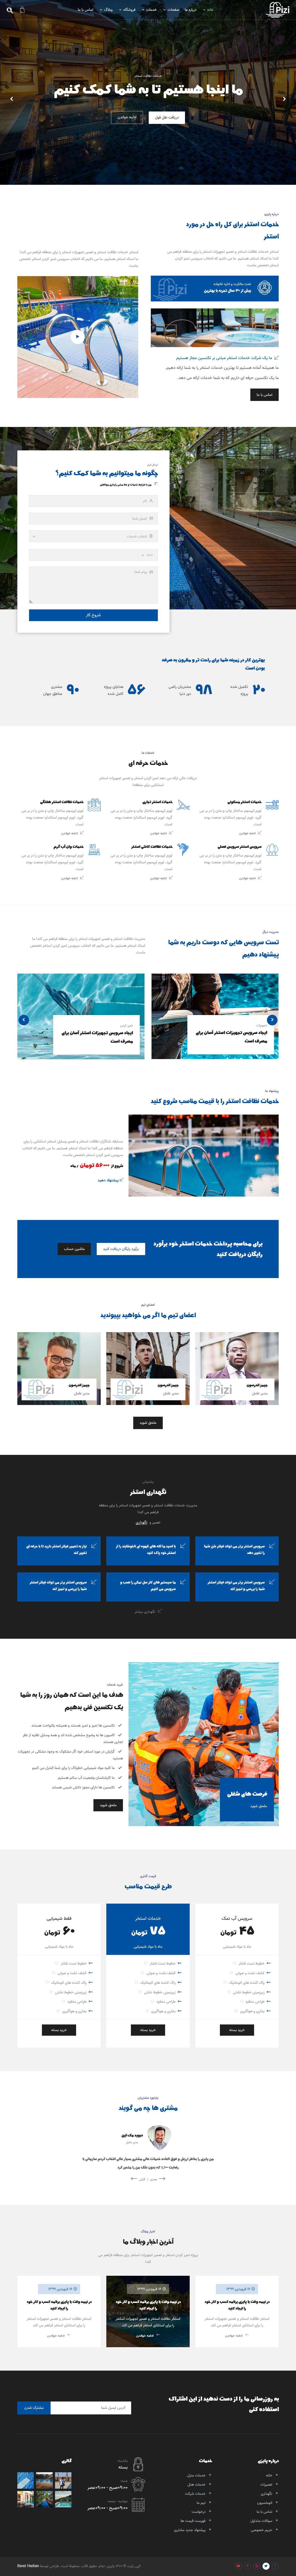 امکانات و صفحات قالب HTML شرکتی خدمات نظافتی استخر شنا پایزی